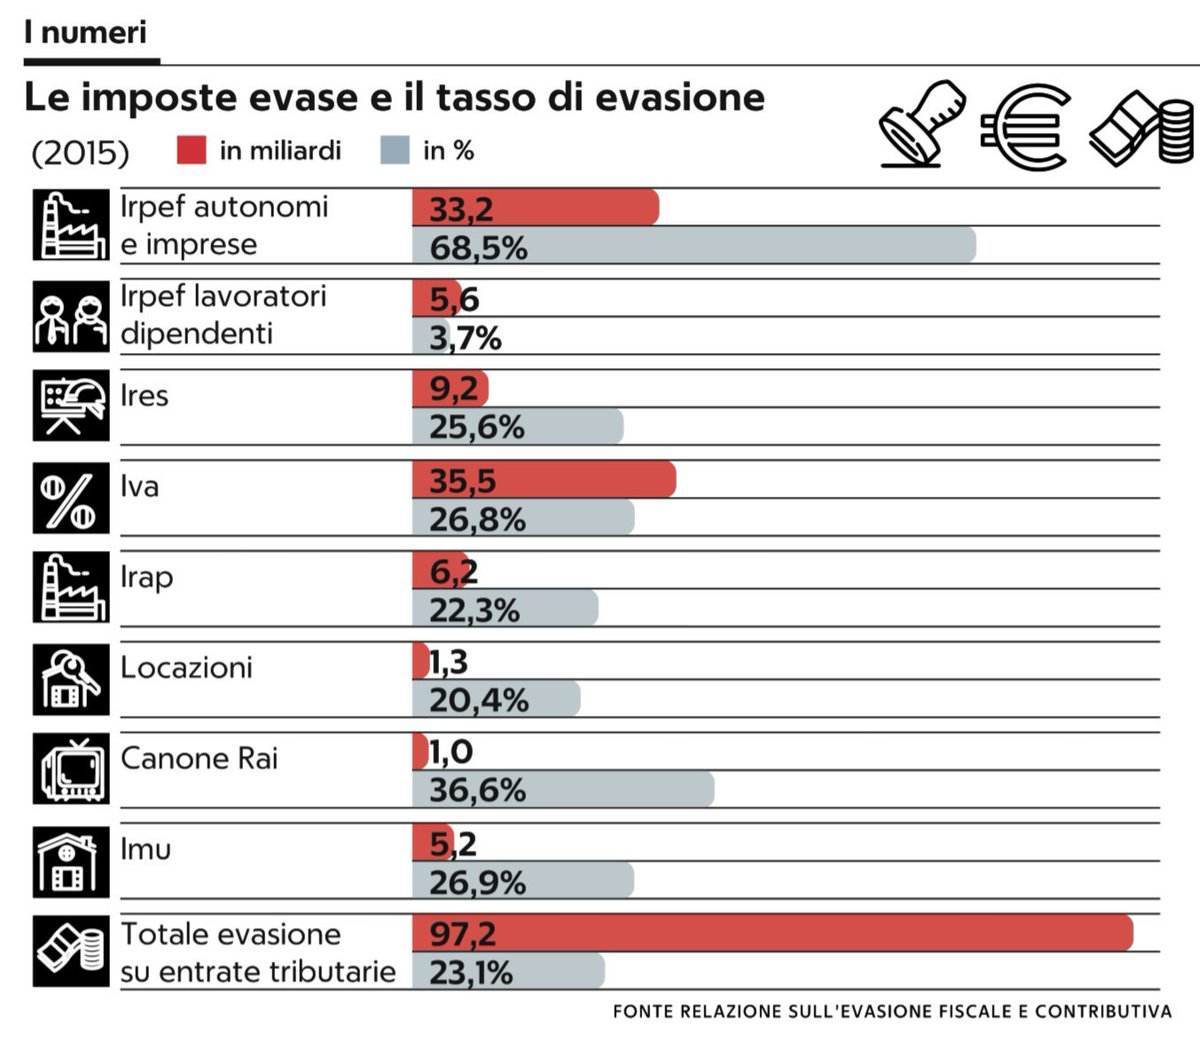 #averecontezzaStamattina @repubblica scrive che per il #redditodicittadinanza occorrono 17 miliardi all\